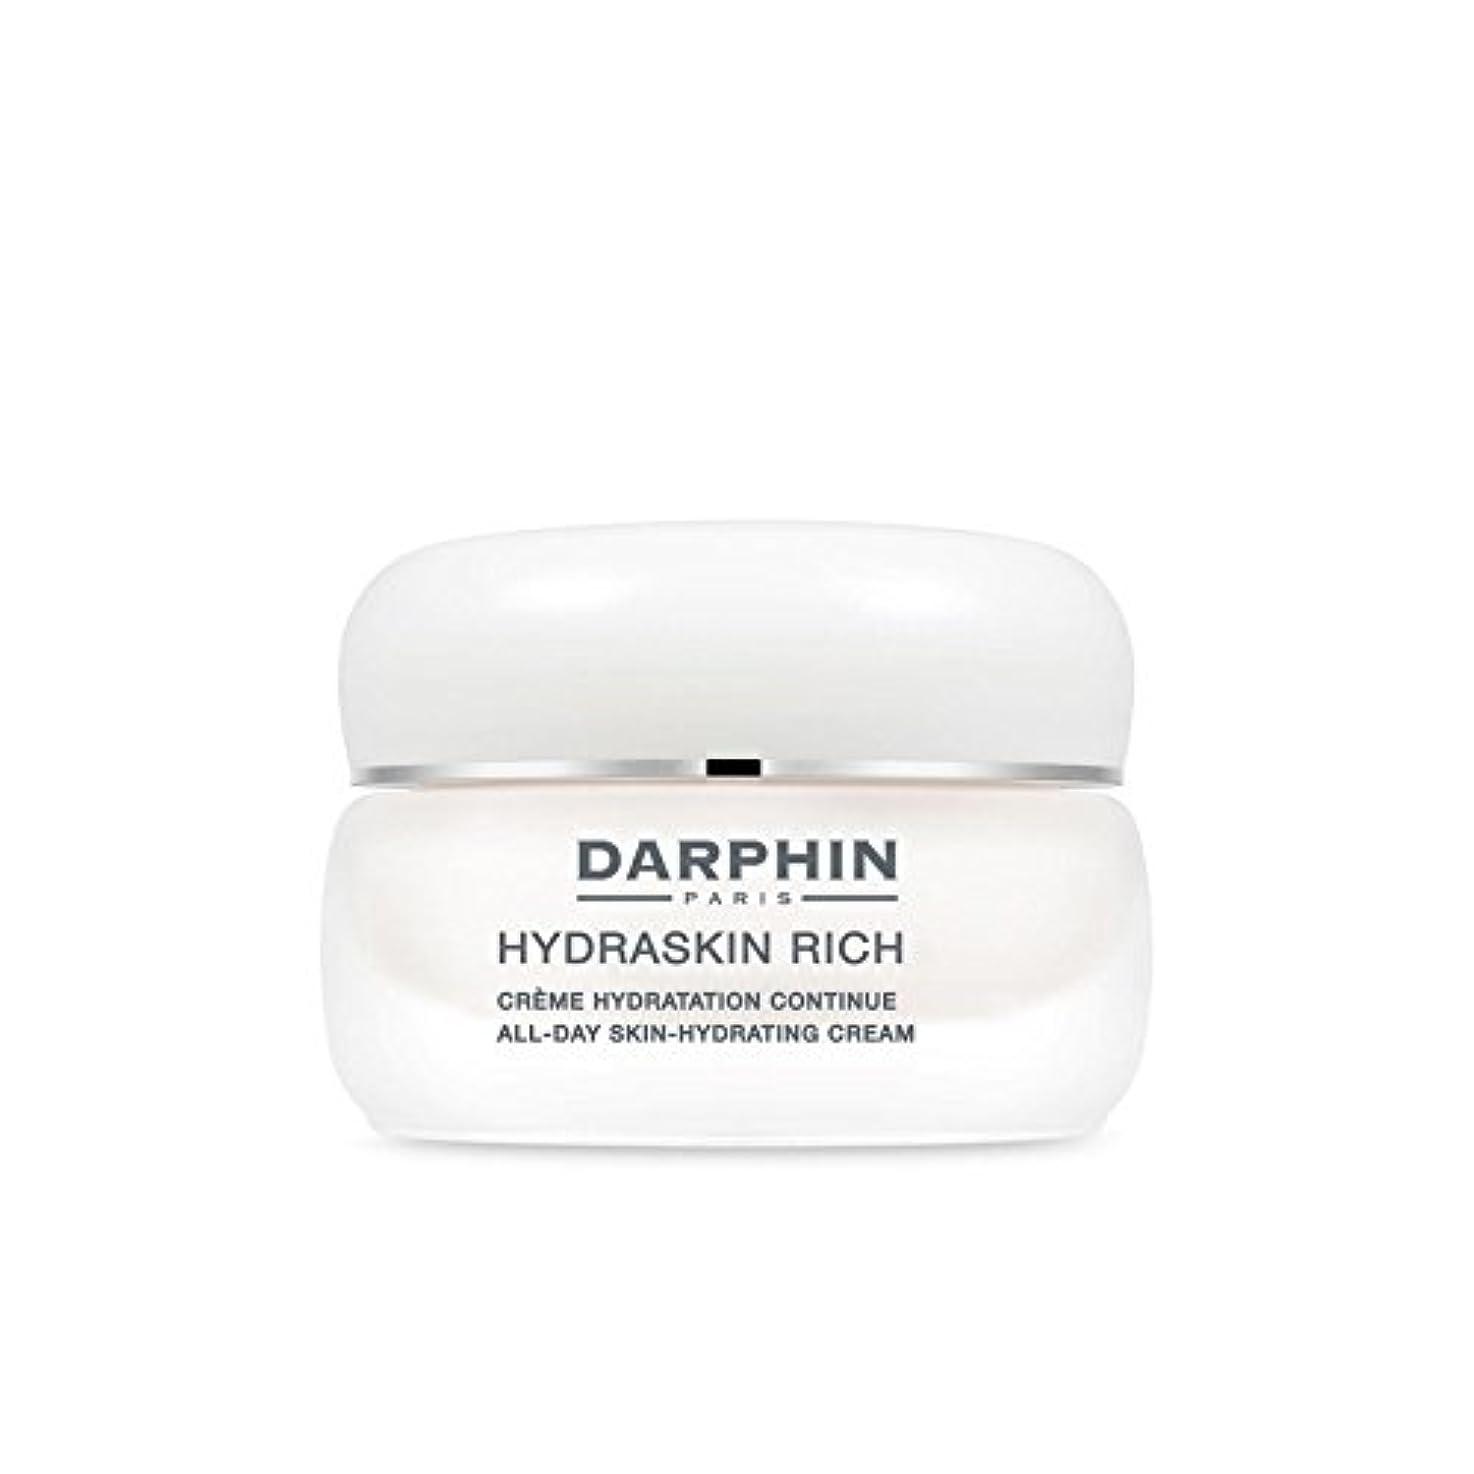 テレマコスチューリップ終わらせるDarphin Hydraskin Rich -Protective Moisturising Cream (50ml) - 豊富 - 保護保湿クリーム(50)にダルファン [並行輸入品]